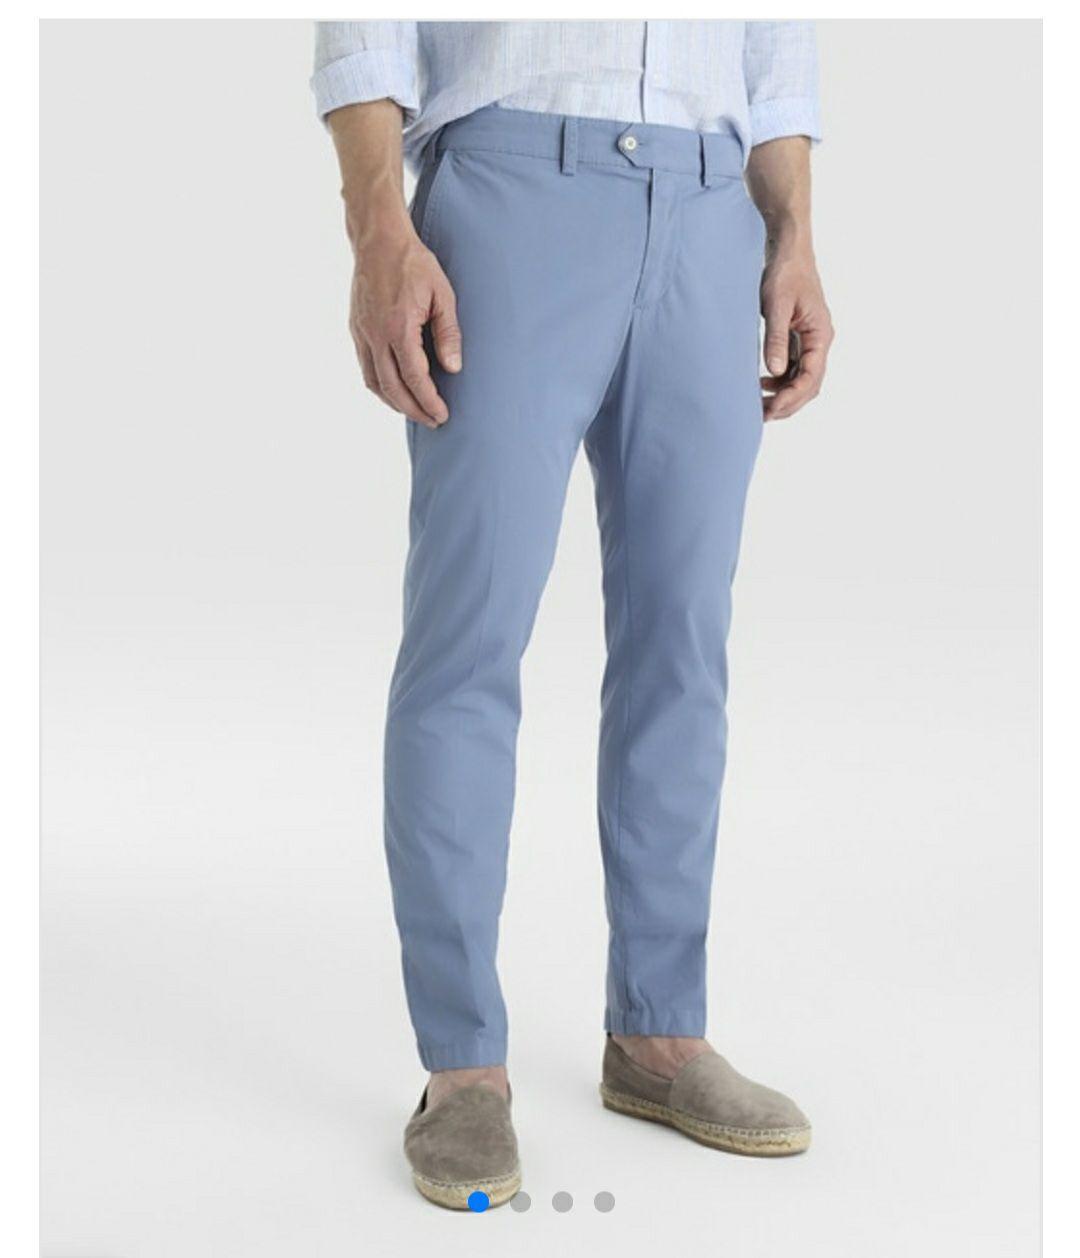 Pantalones Chinos - Emidio Tucci Black El Corte Inglés